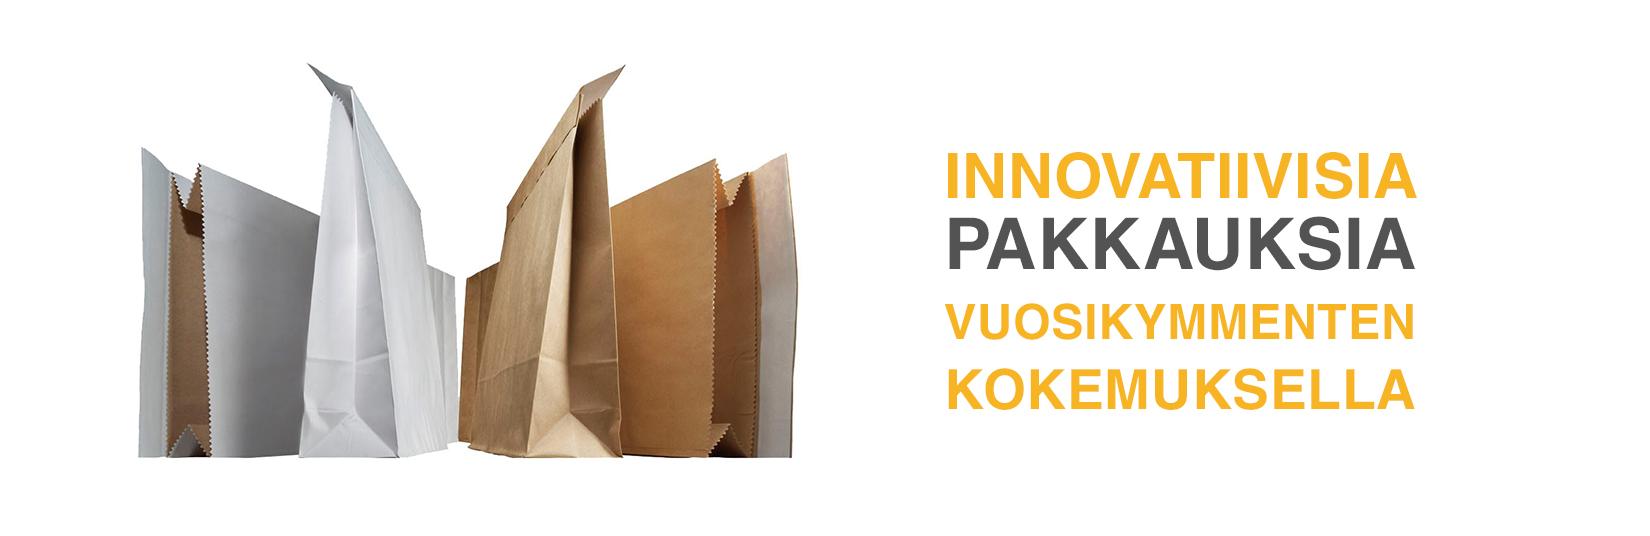 Innovatiivisia pakkauksia